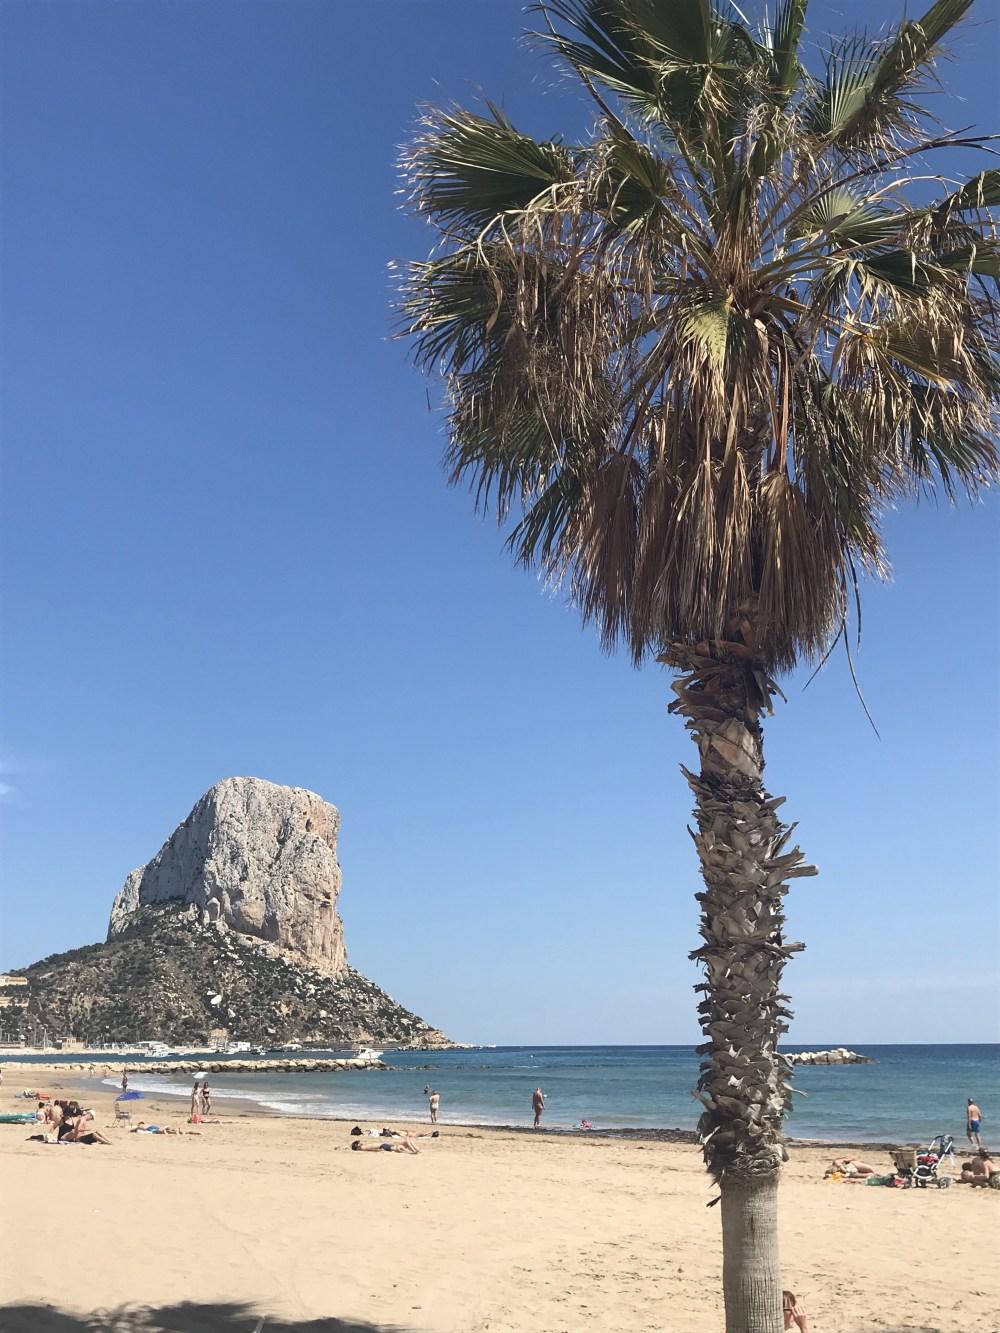 Em cada uma as praias, não cansei de olhar para a rocha